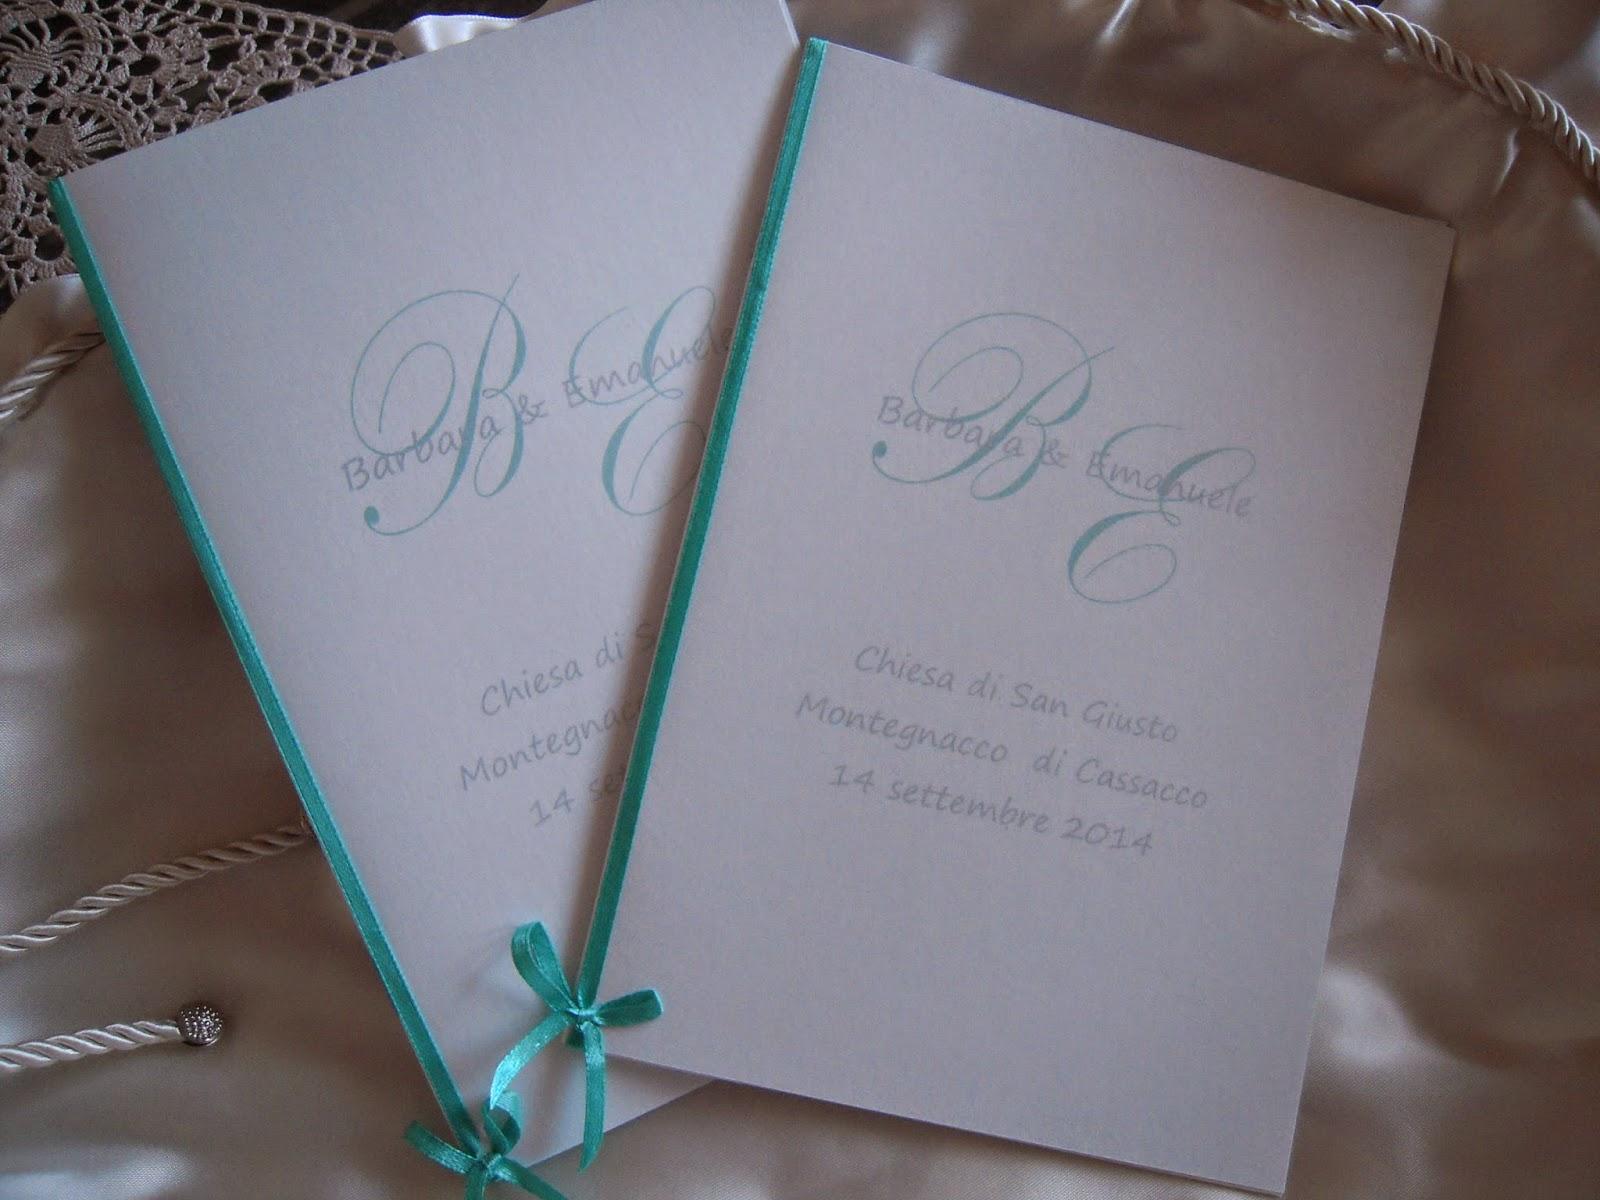 Eventidecor Libretti Messa Degli Sposi In Bianco E Tiffany